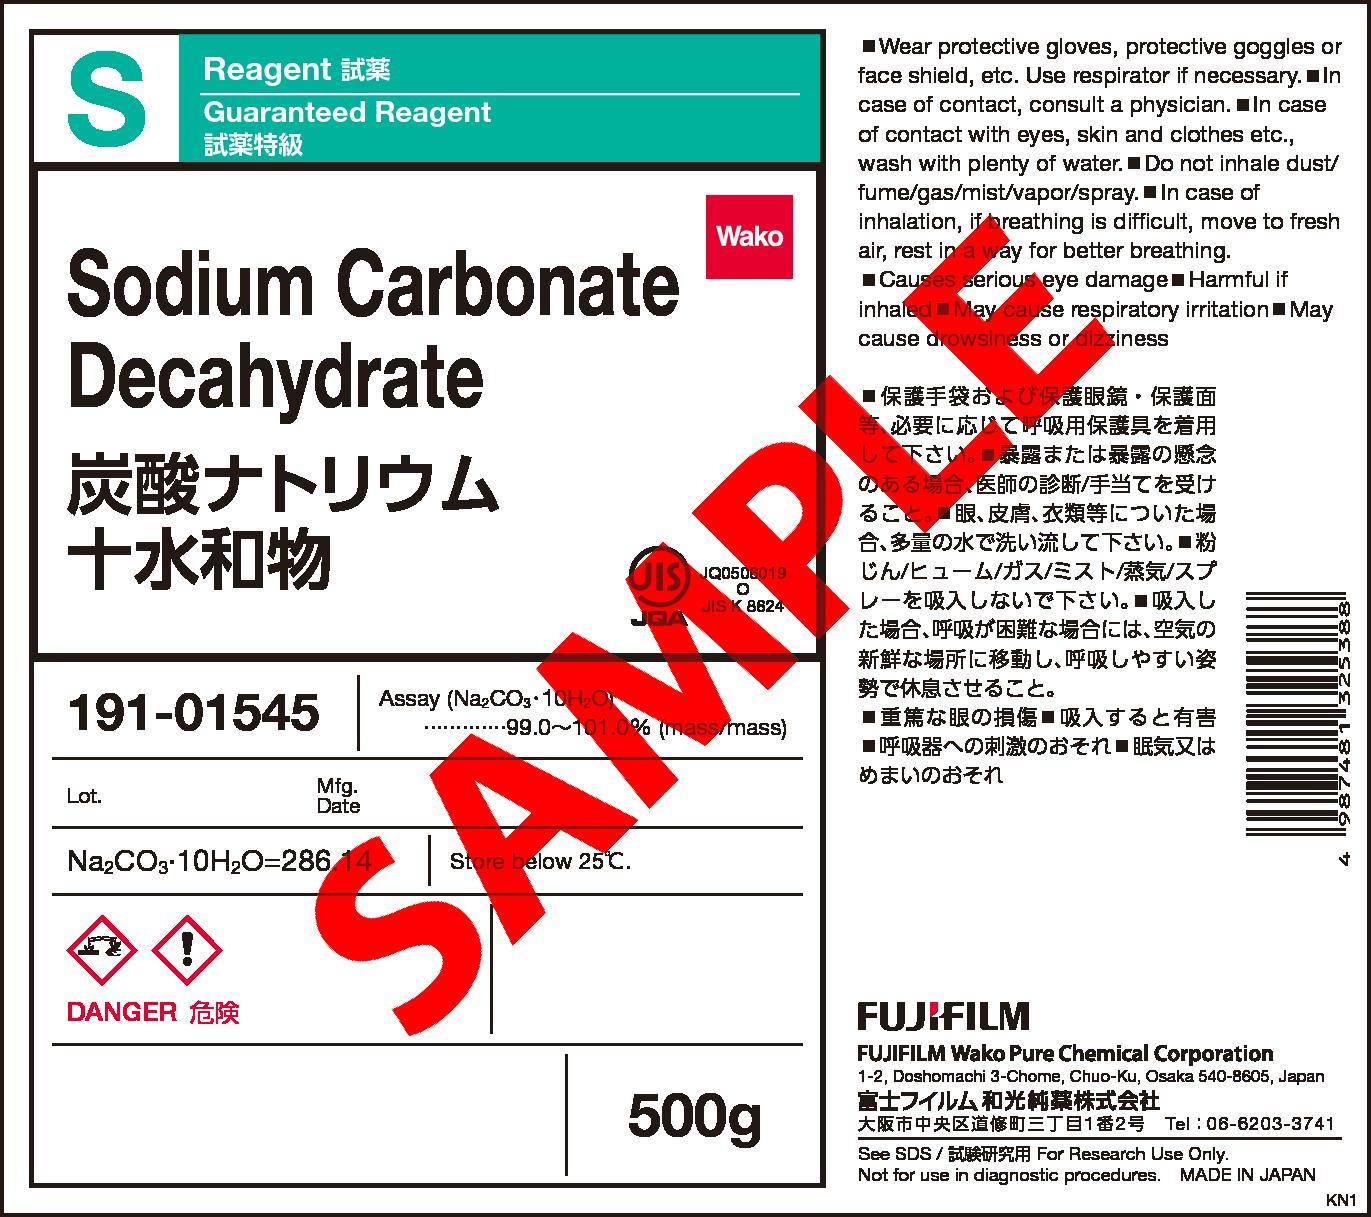 6132-02-1・Sodium Carbonate Decahydrate・191-01545[Detail